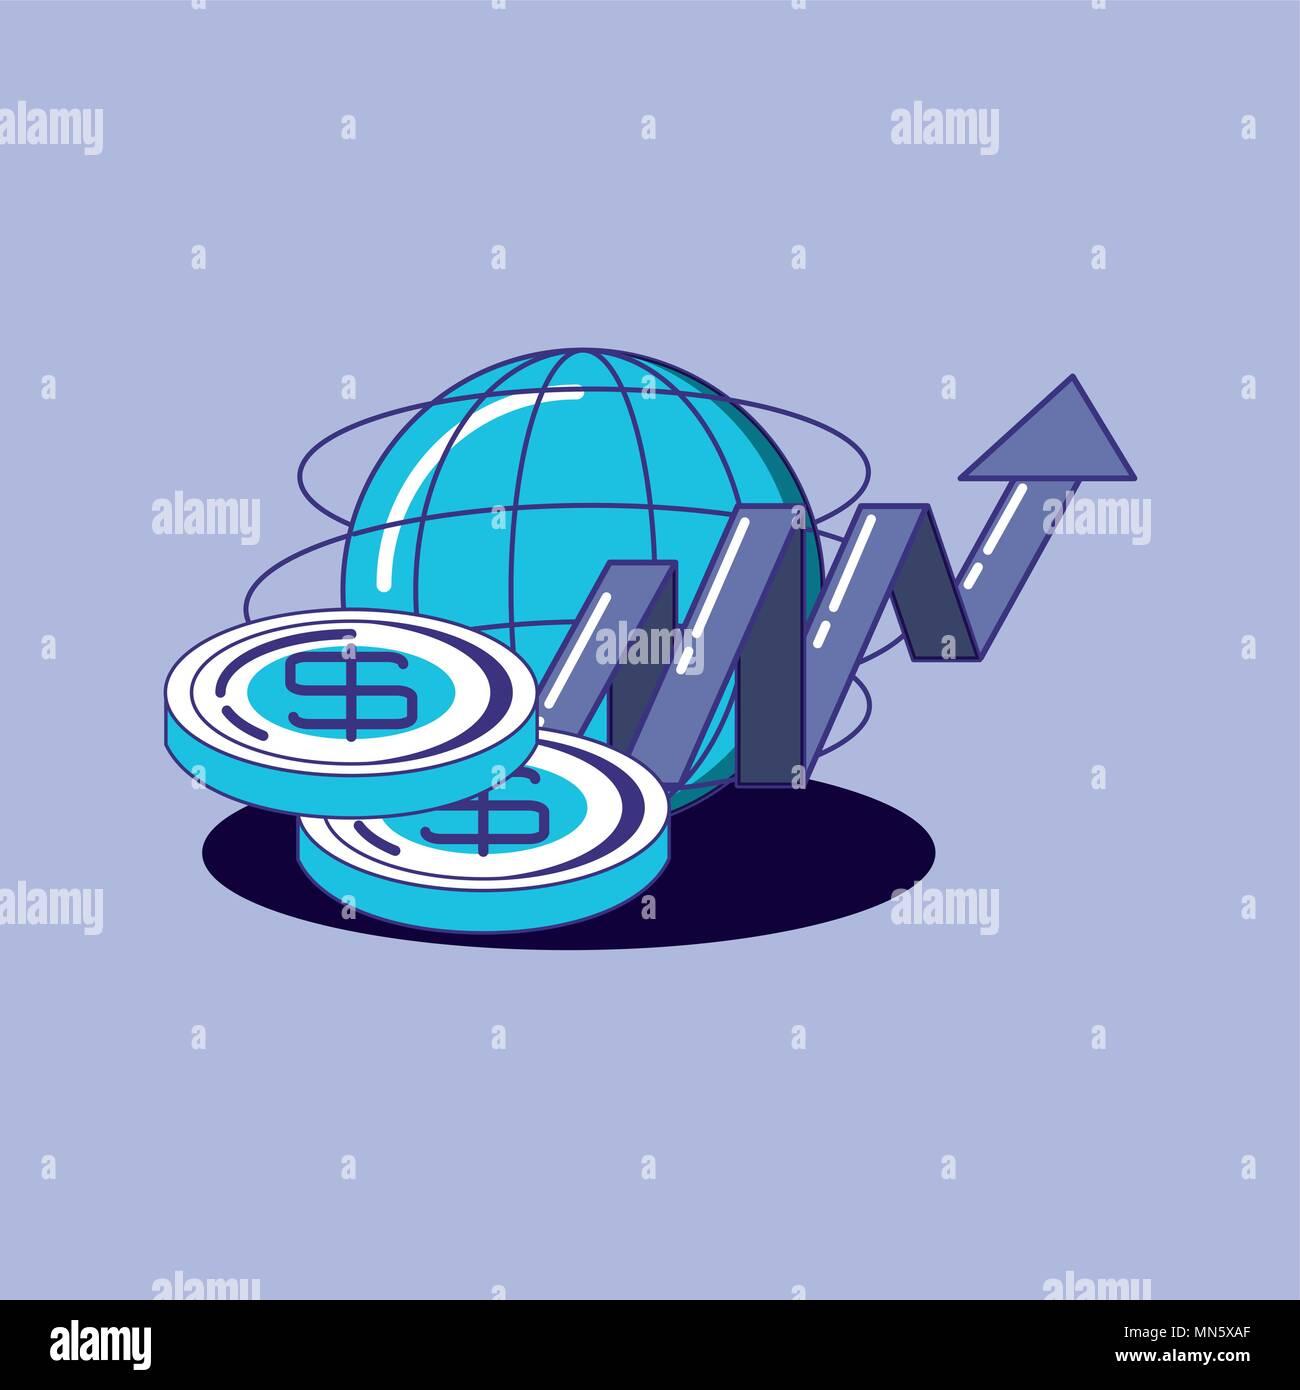 Finanzielle Technologie Design mit globale Sphäre und Geld Münzen über lila Hintergrund, farbenfrohen Design. Vector Illustration Stockbild